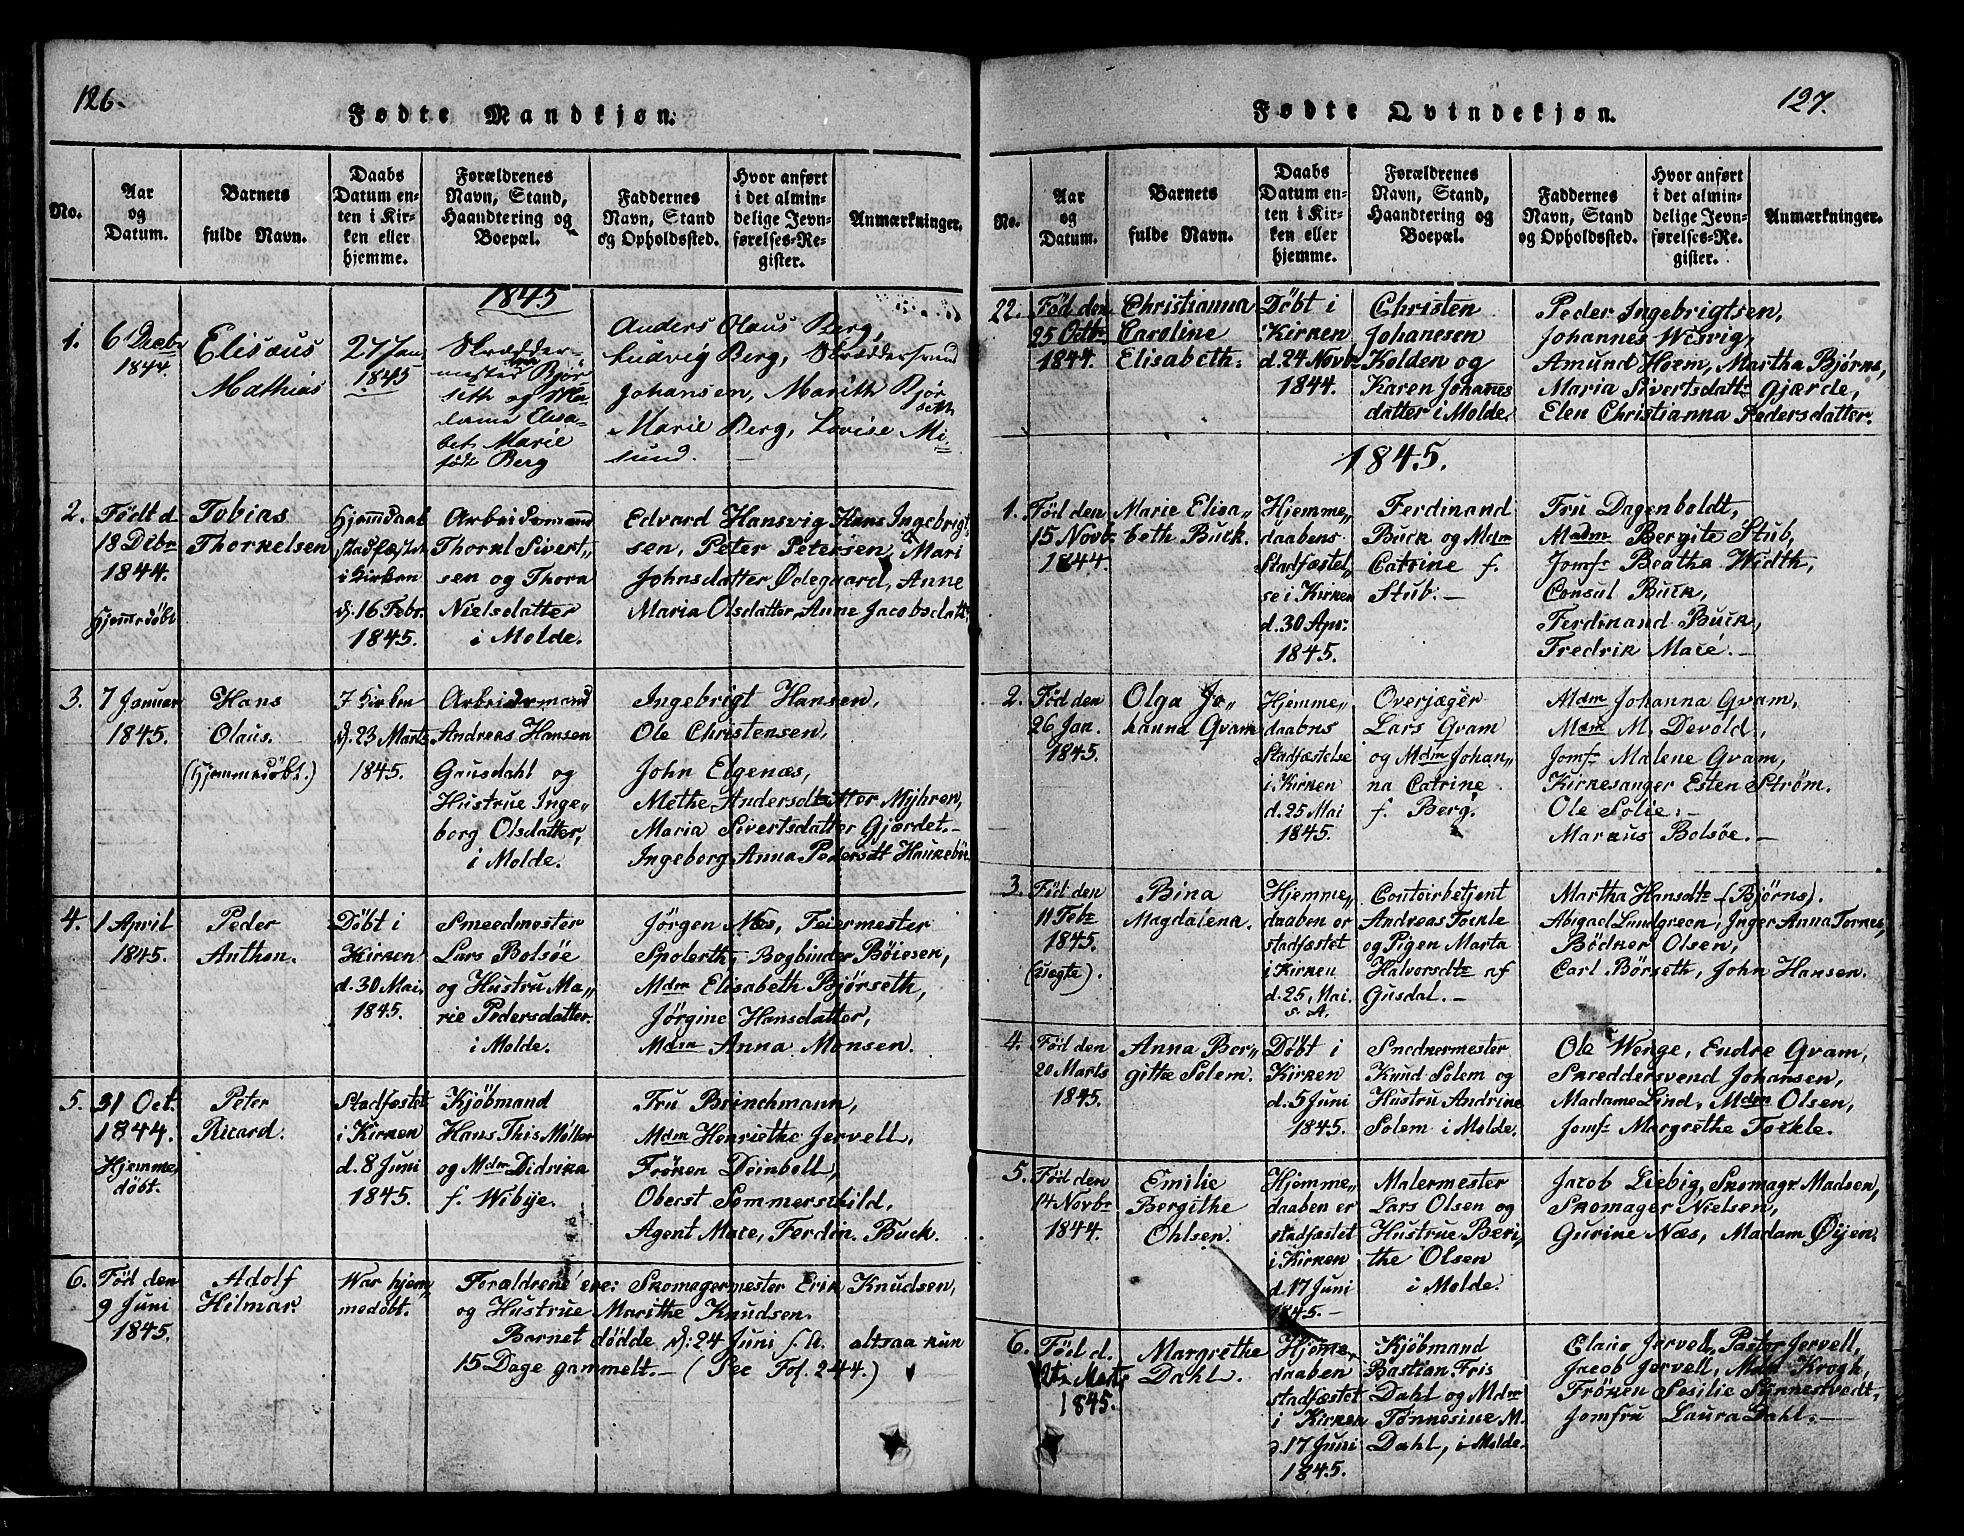 SAT, Ministerialprotokoller, klokkerbøker og fødselsregistre - Møre og Romsdal, 558/L0700: Parish register (copy) no. 558C01, 1818-1868, p. 126-127